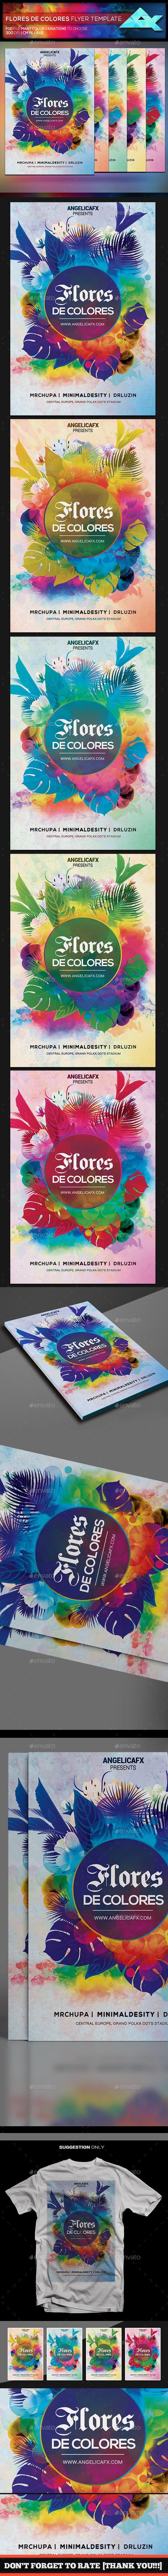 Colores de Flores Flyer Template - Flyers Print Templates